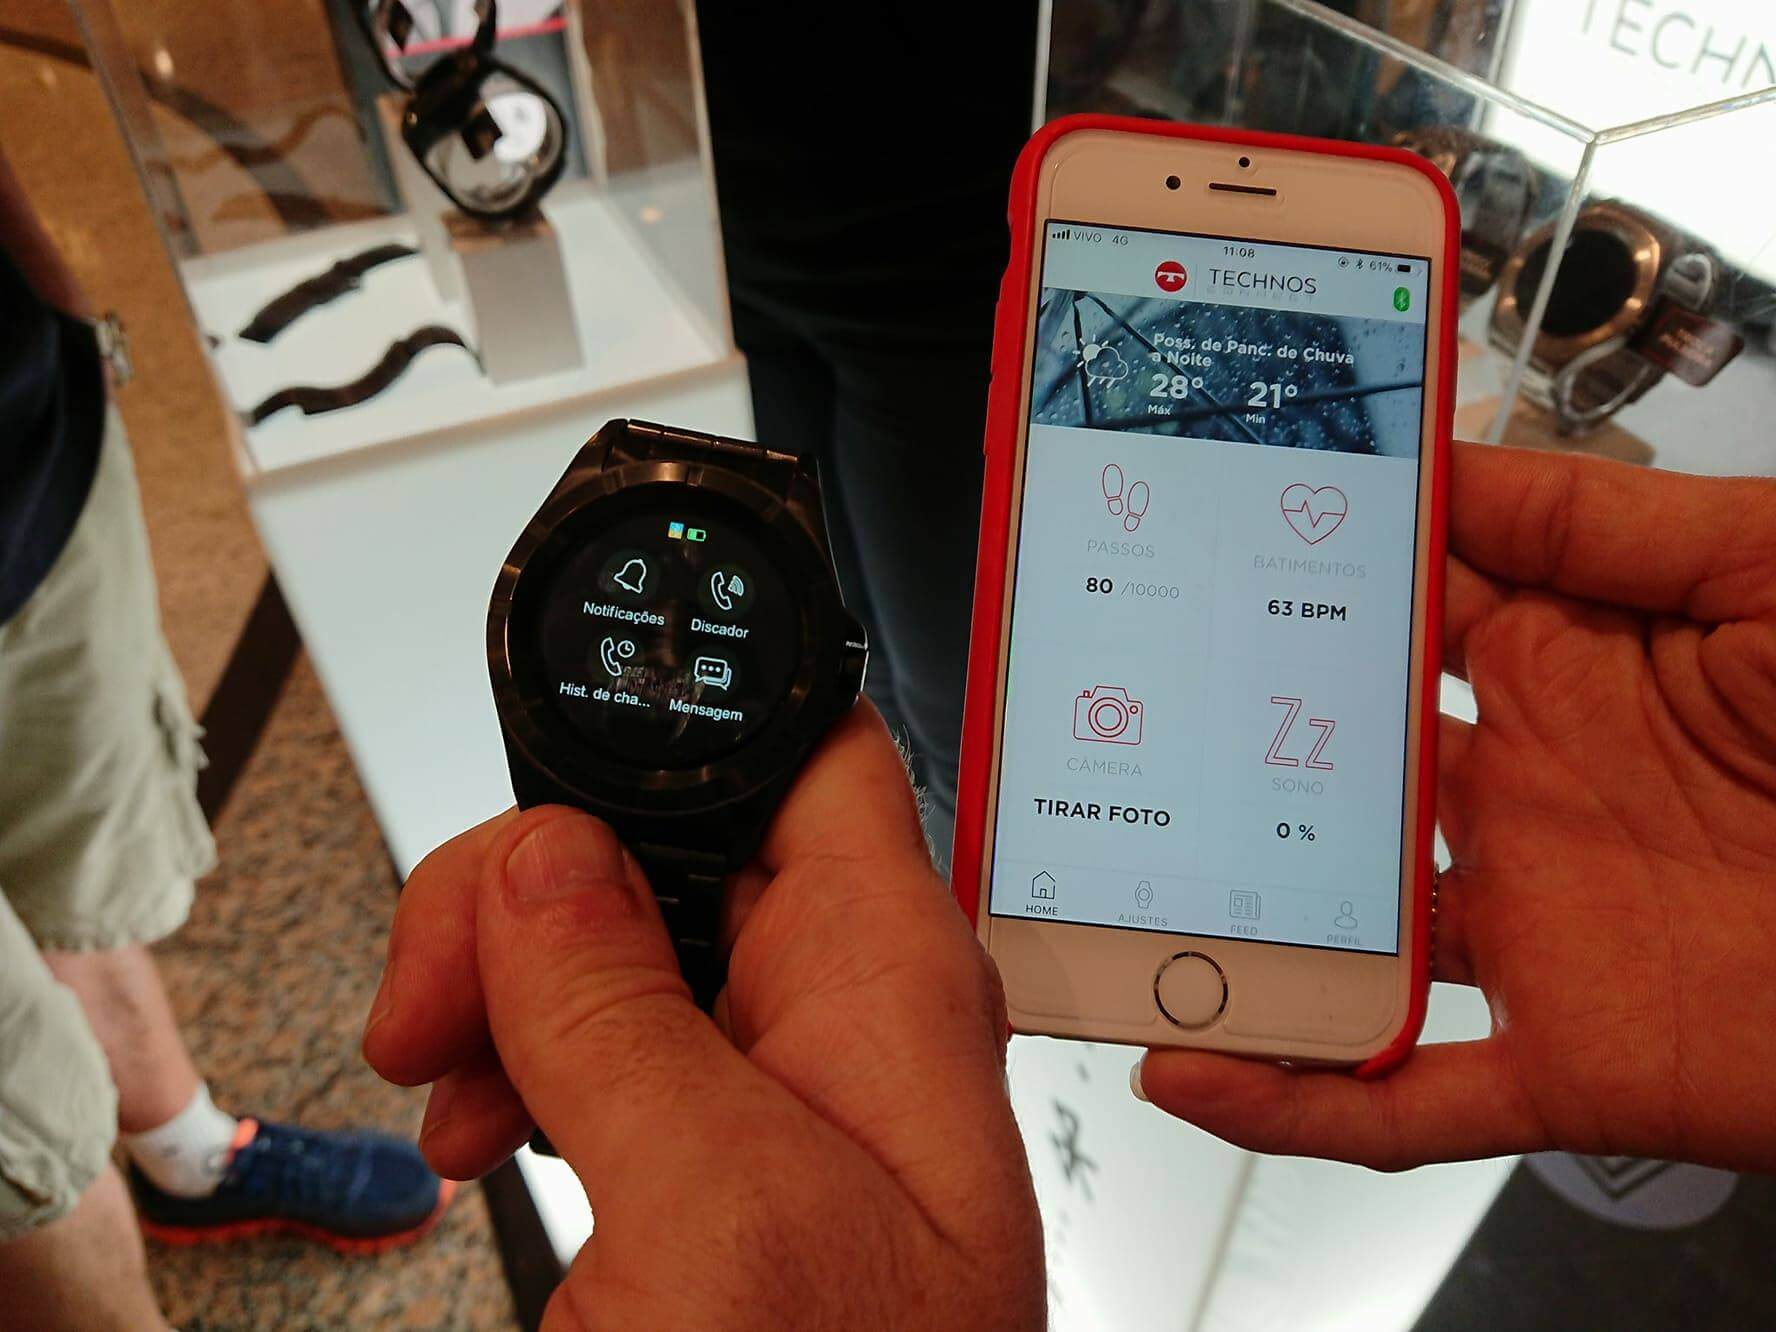 24208910 10157304327898312 720573974 o - Technos lança o primeiro smartwatch brasileiro com Full Display Touch